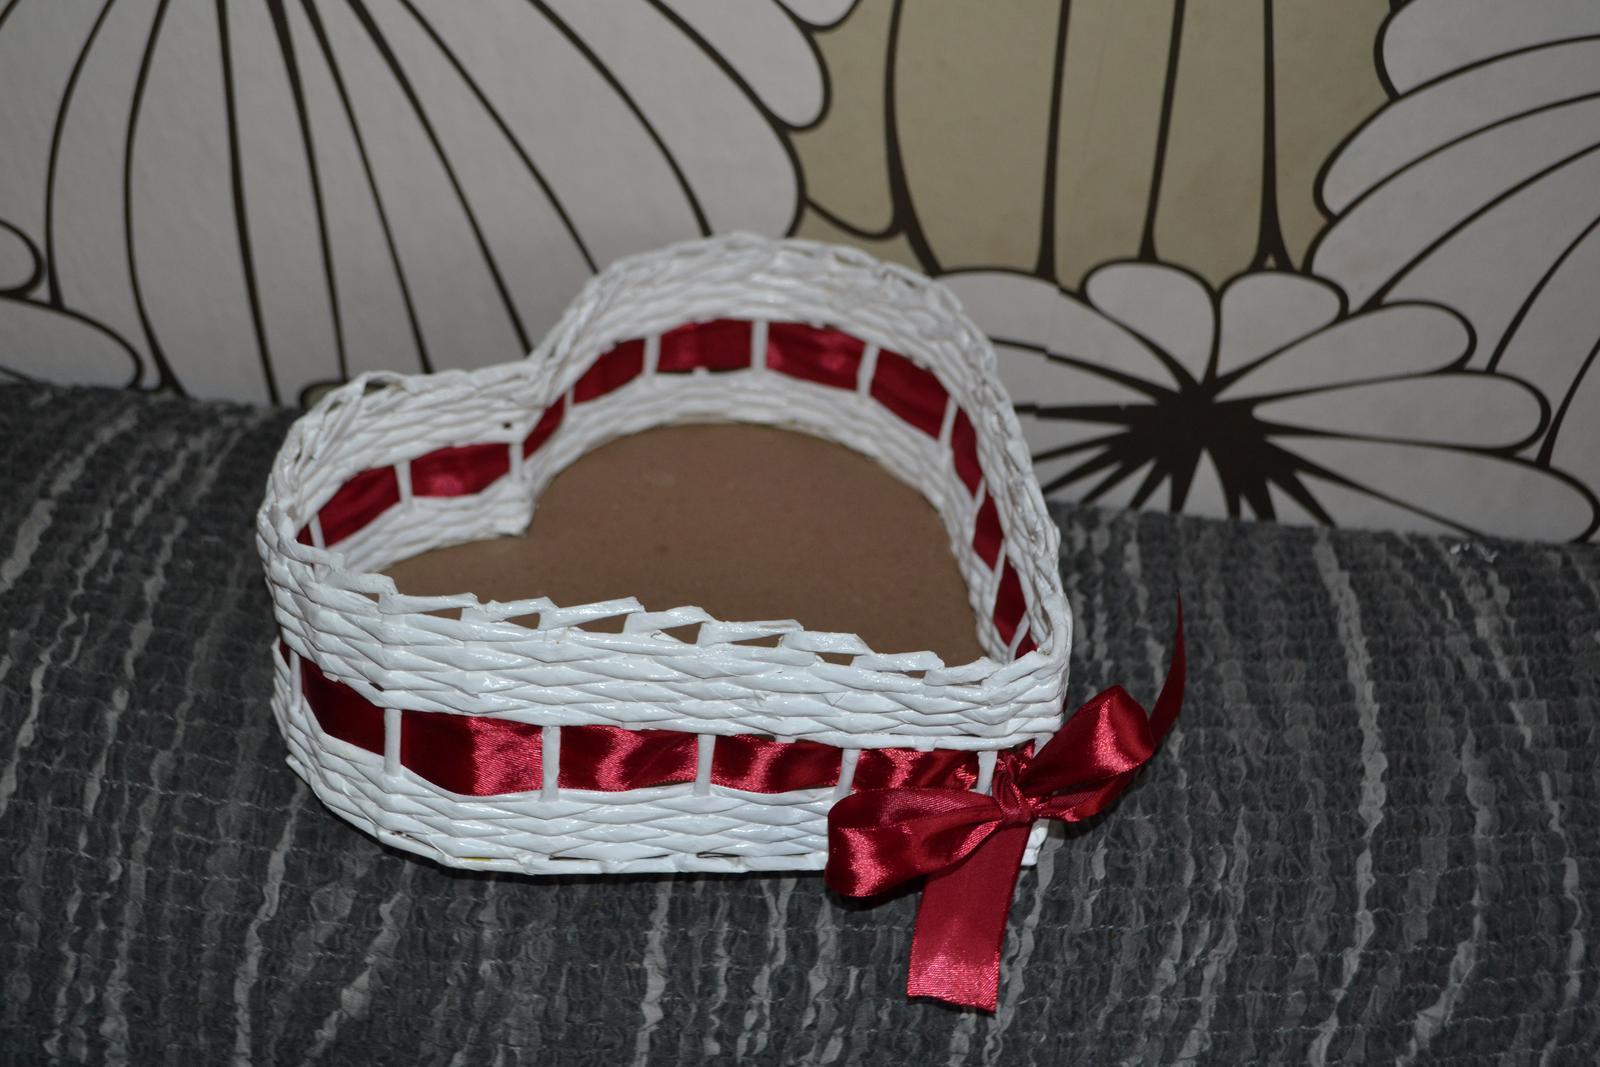 Košík ve tvaru srdce - Obrázek č. 1